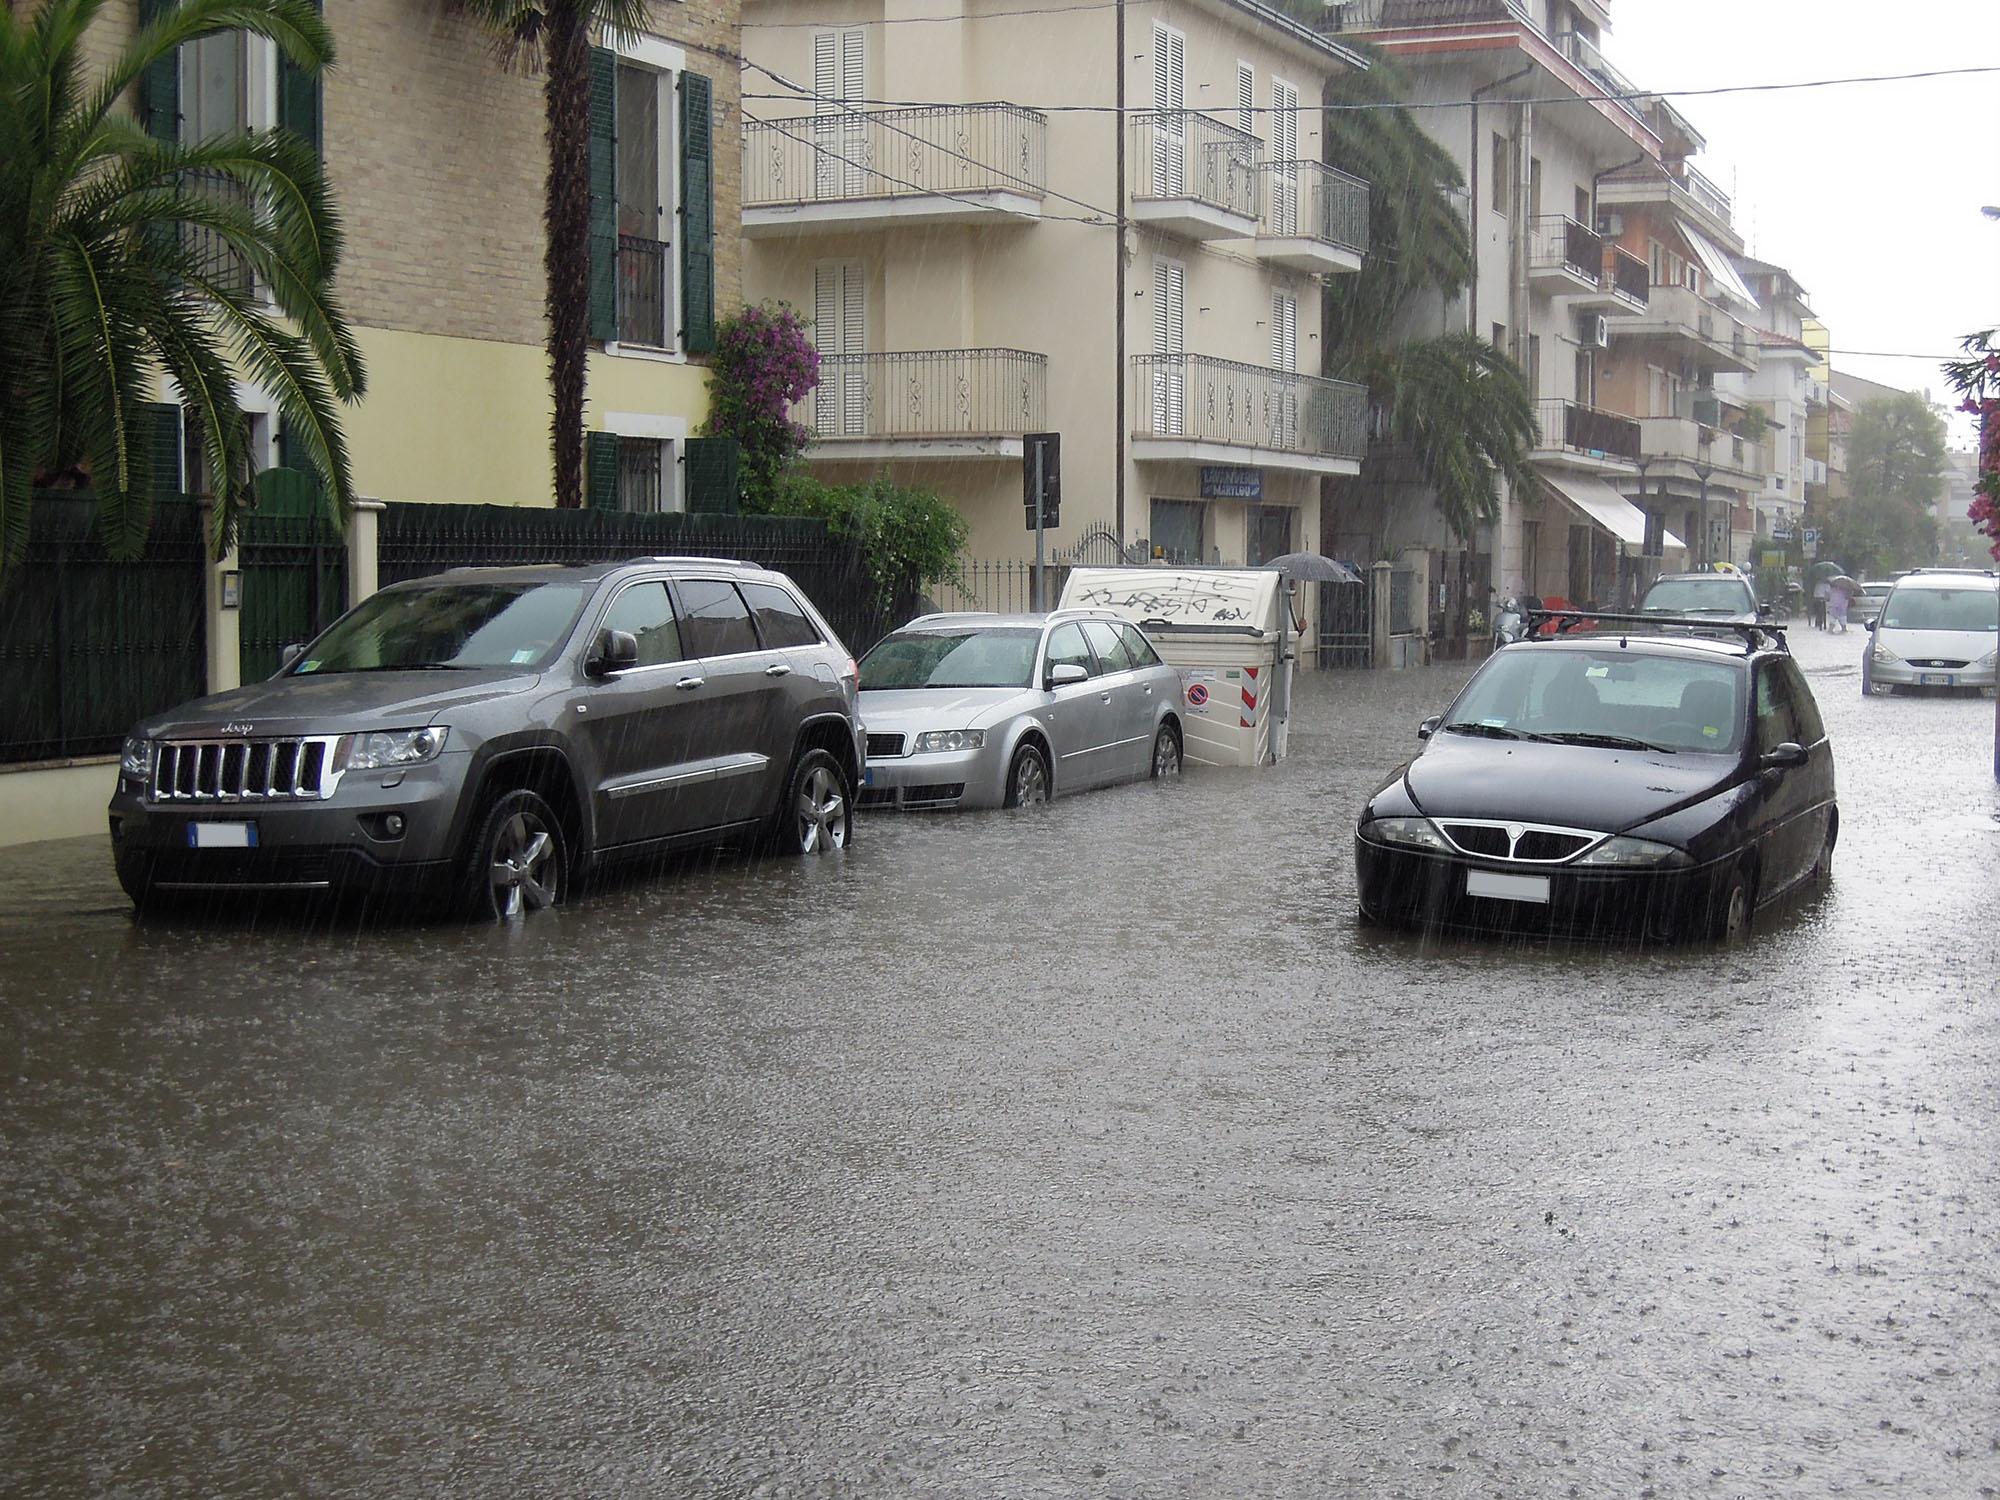 Via Trento allagata, luglio 2012 4 (fulvio baiocchi) 7